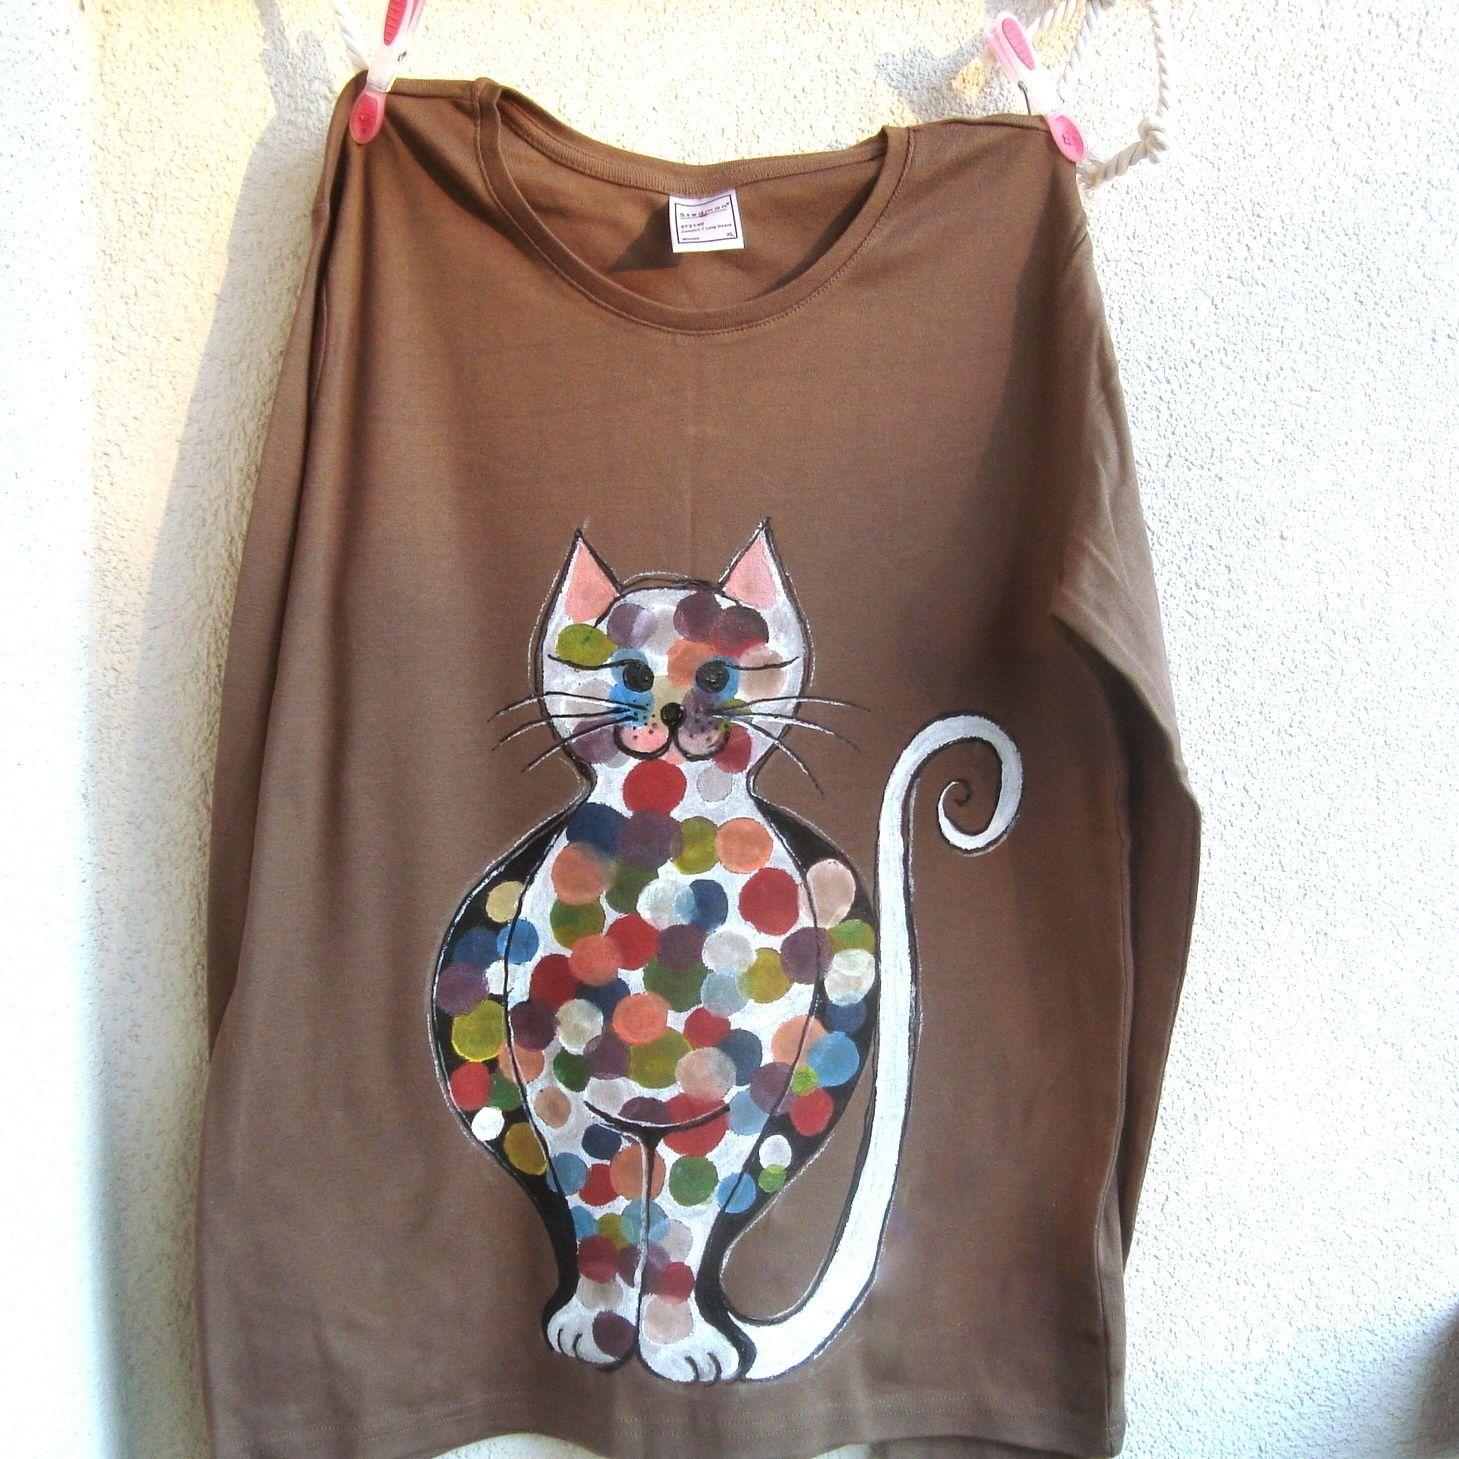 7e35ea284130 Malované+tričko+s+kočkou-když+mám+o+kolečko+víc...+Kvalitní+bavlněné ...